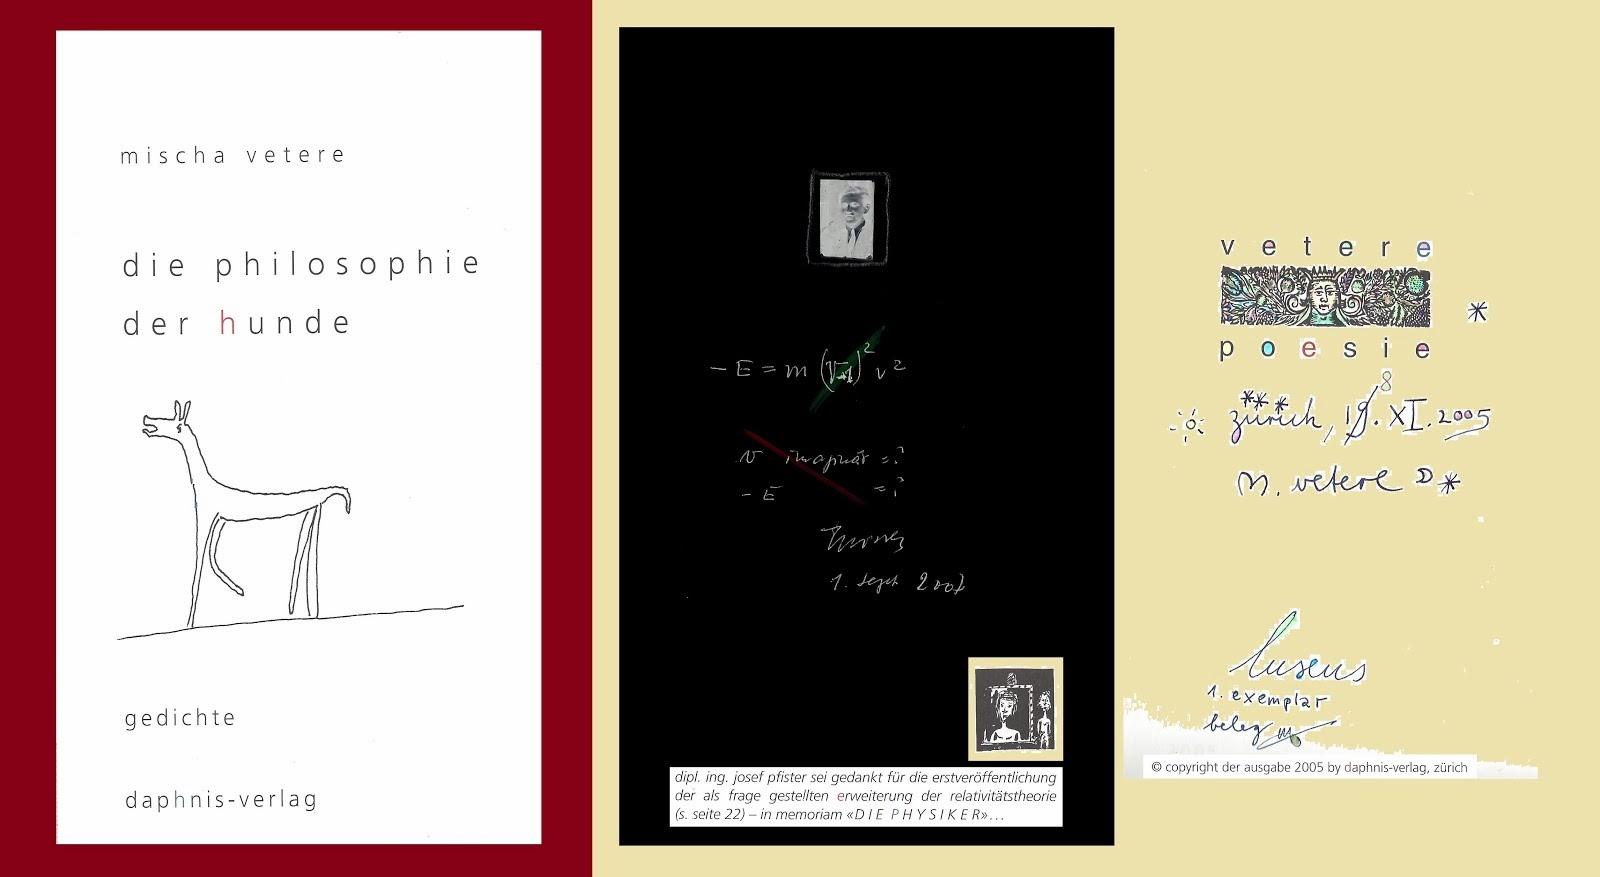 die erweiterung der relativitätstheorie albert einsteins in DIE PHILOSOPHIE DER HUNDE, ch 2005